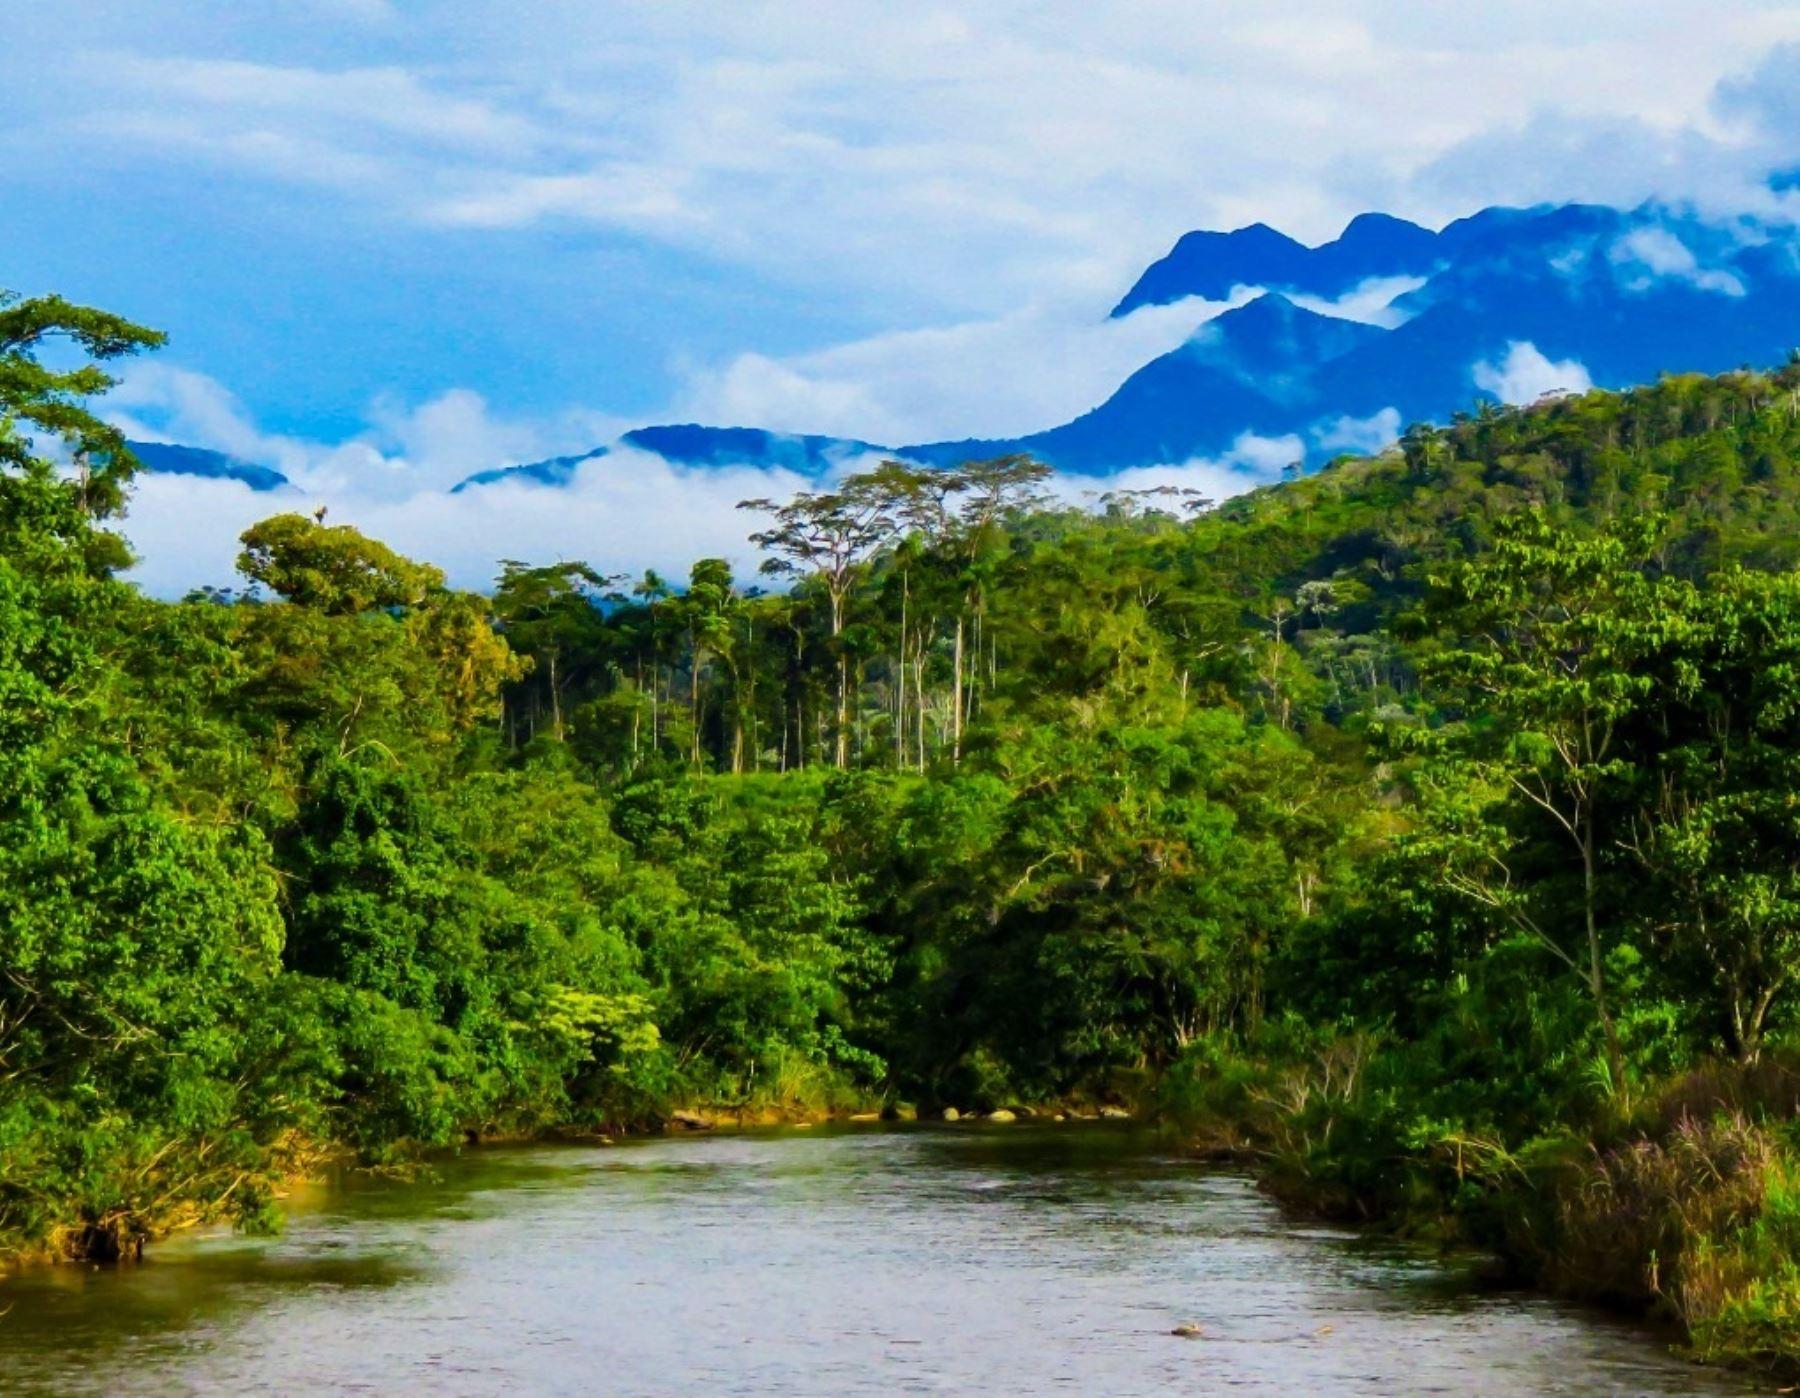 Sernanp impulsa el turismo rural comunitario en el Bosque de Protección Alto Mayo, ubicado en la región San Martín, con la inauguración de la Casa del Turista de Nueva Zelandia.